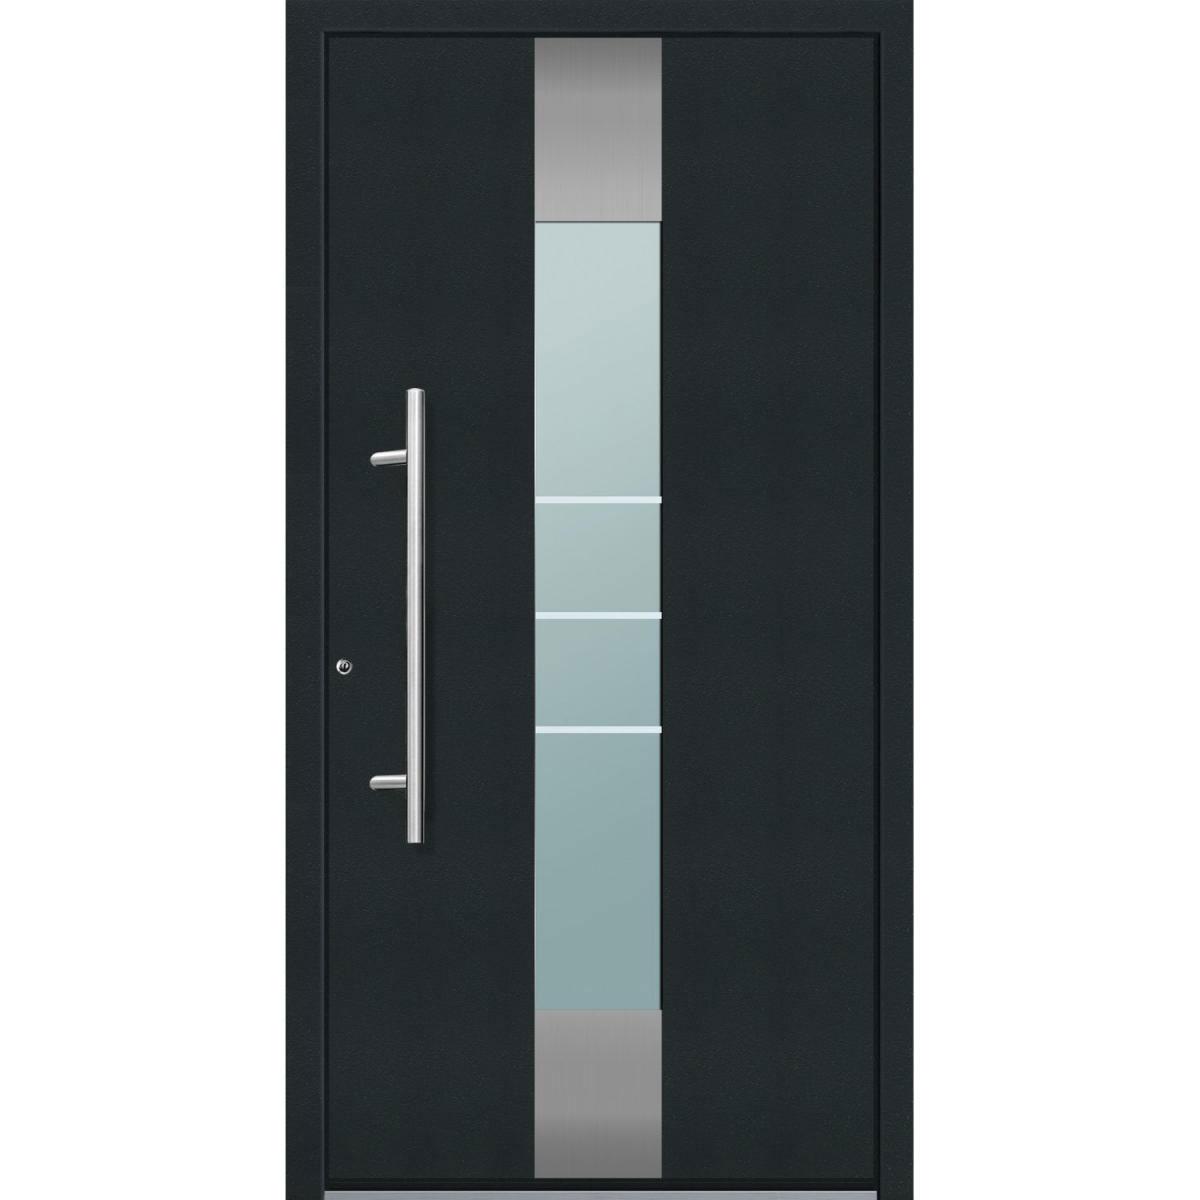 """Aluminium Sicherheits-Haustür """"Catania Superior"""", 60mm, anthrazit, 110x210 cm, Anschlag links, RC2-zertifiziert, inkl. Griffset Links"""